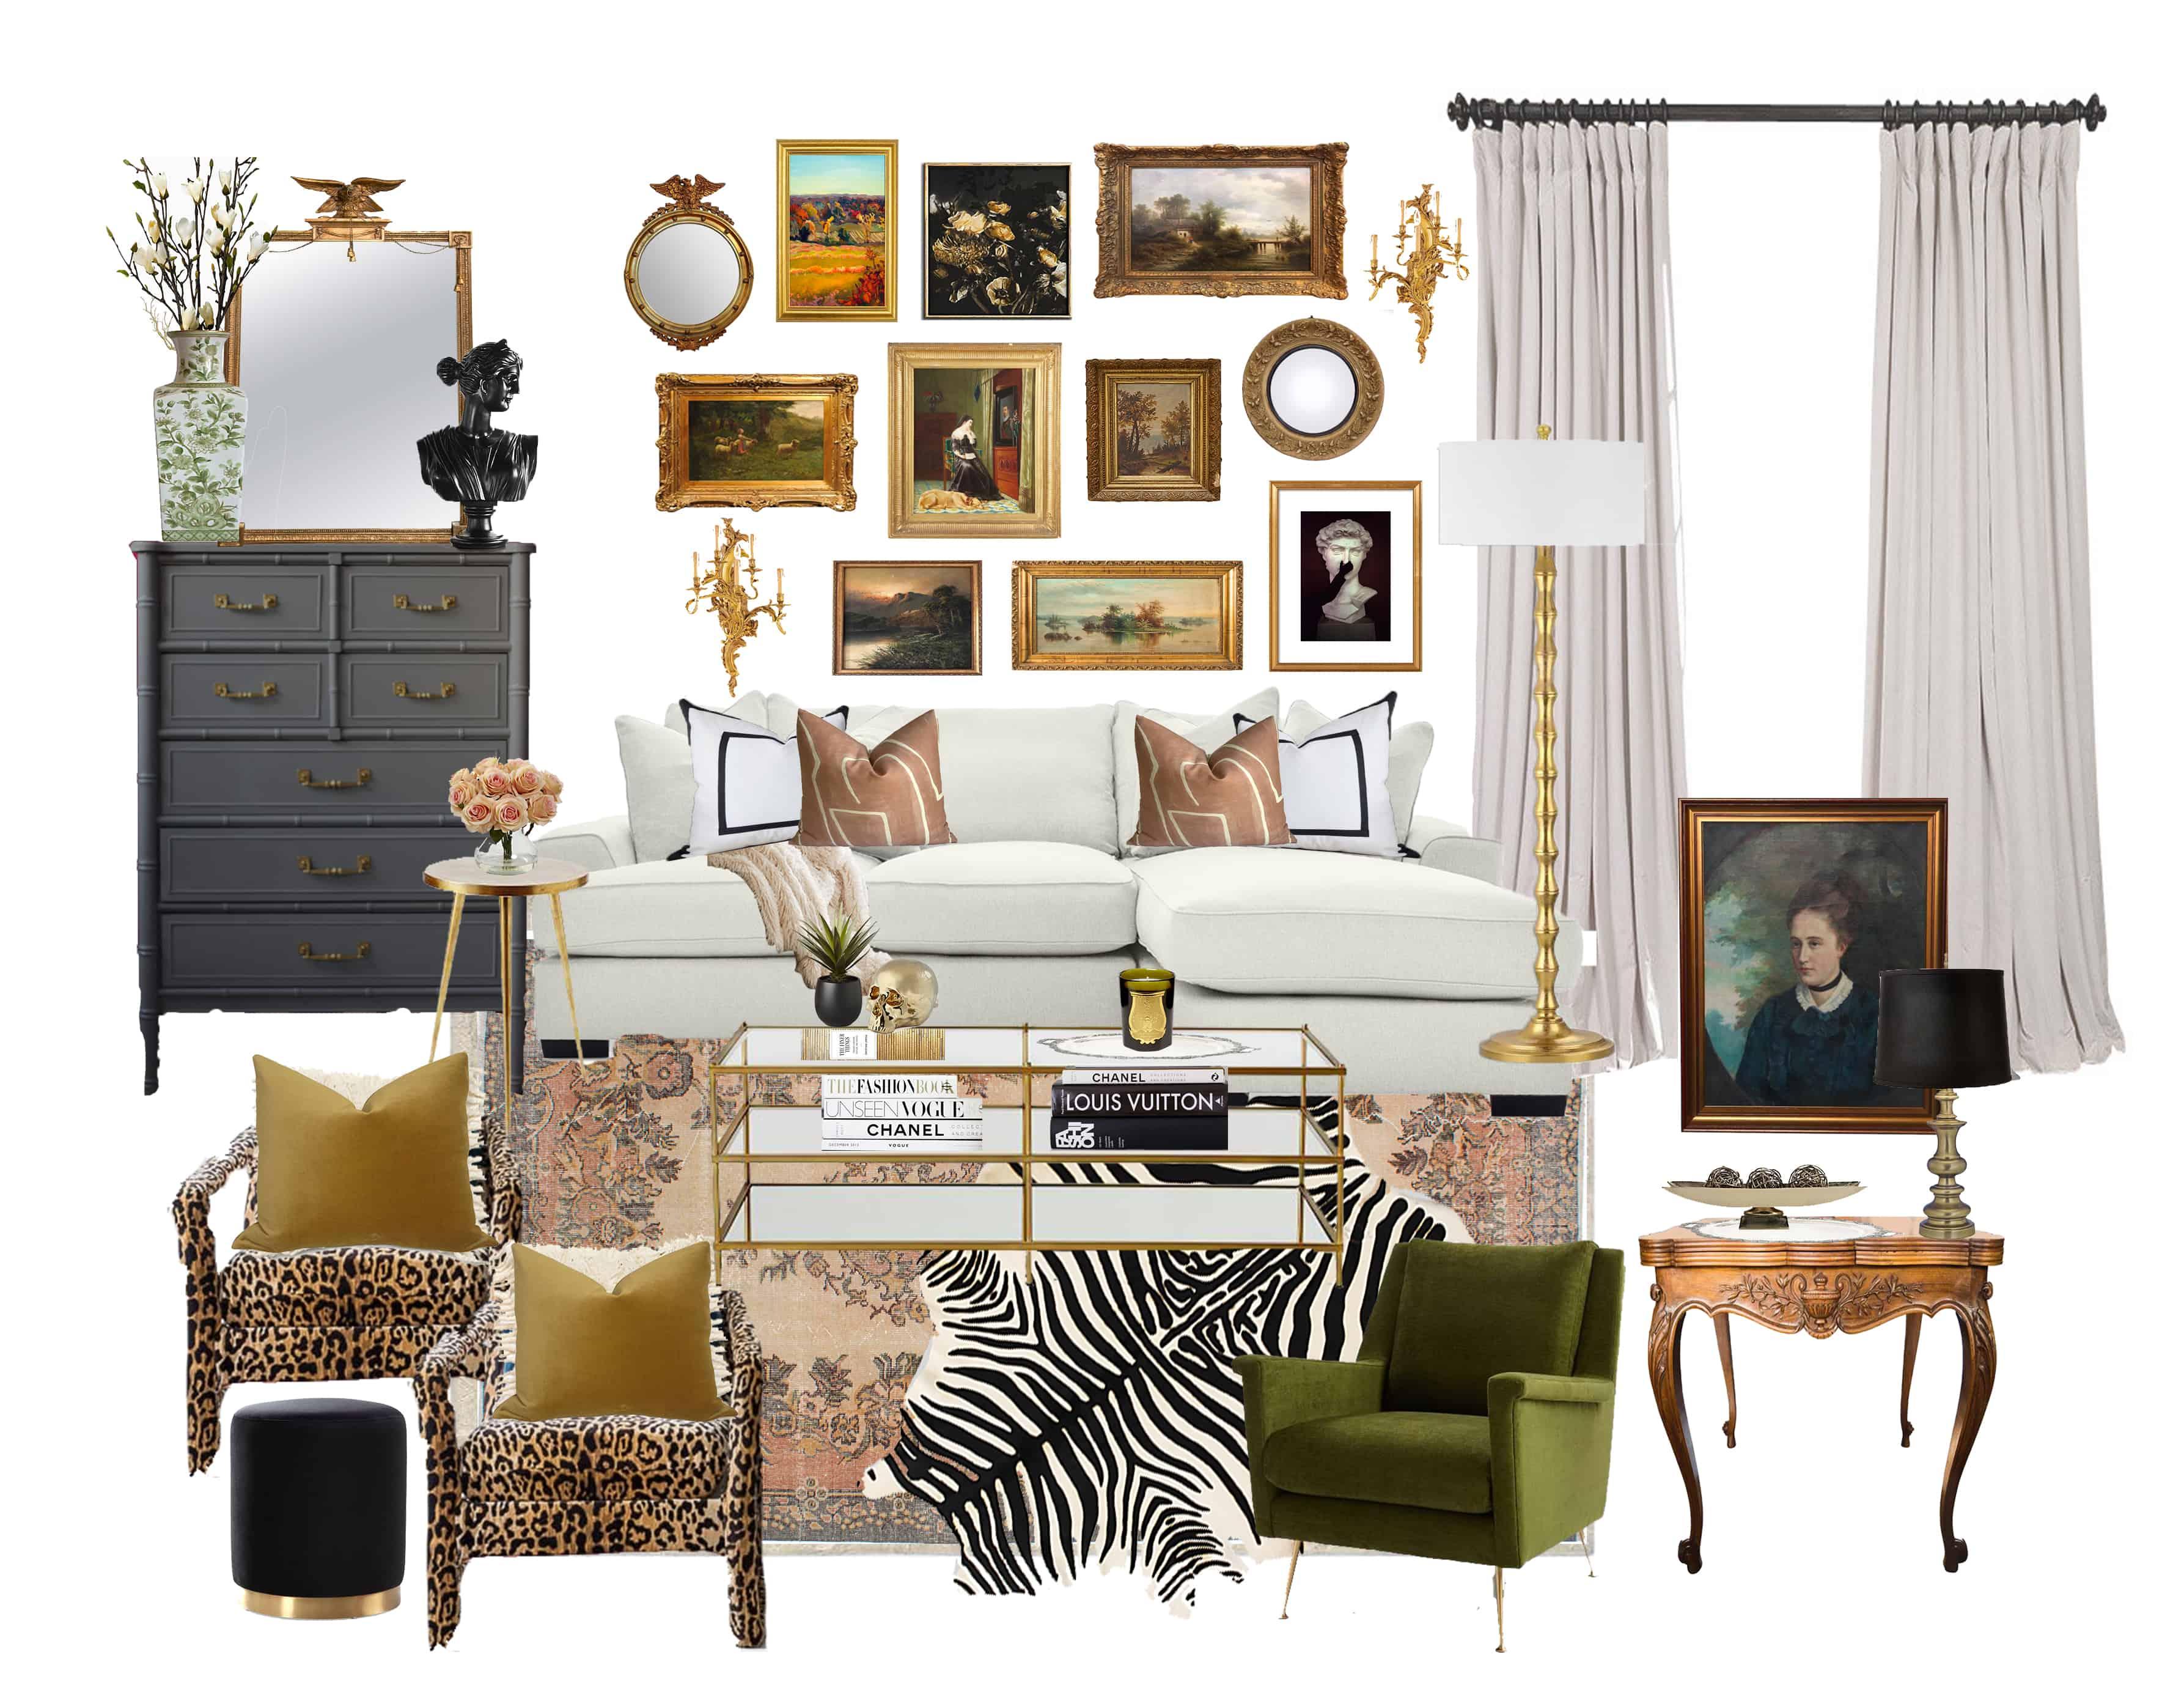 E Designing My Dream Living Room A Traditional Glam Escape A Glass Of Bovino